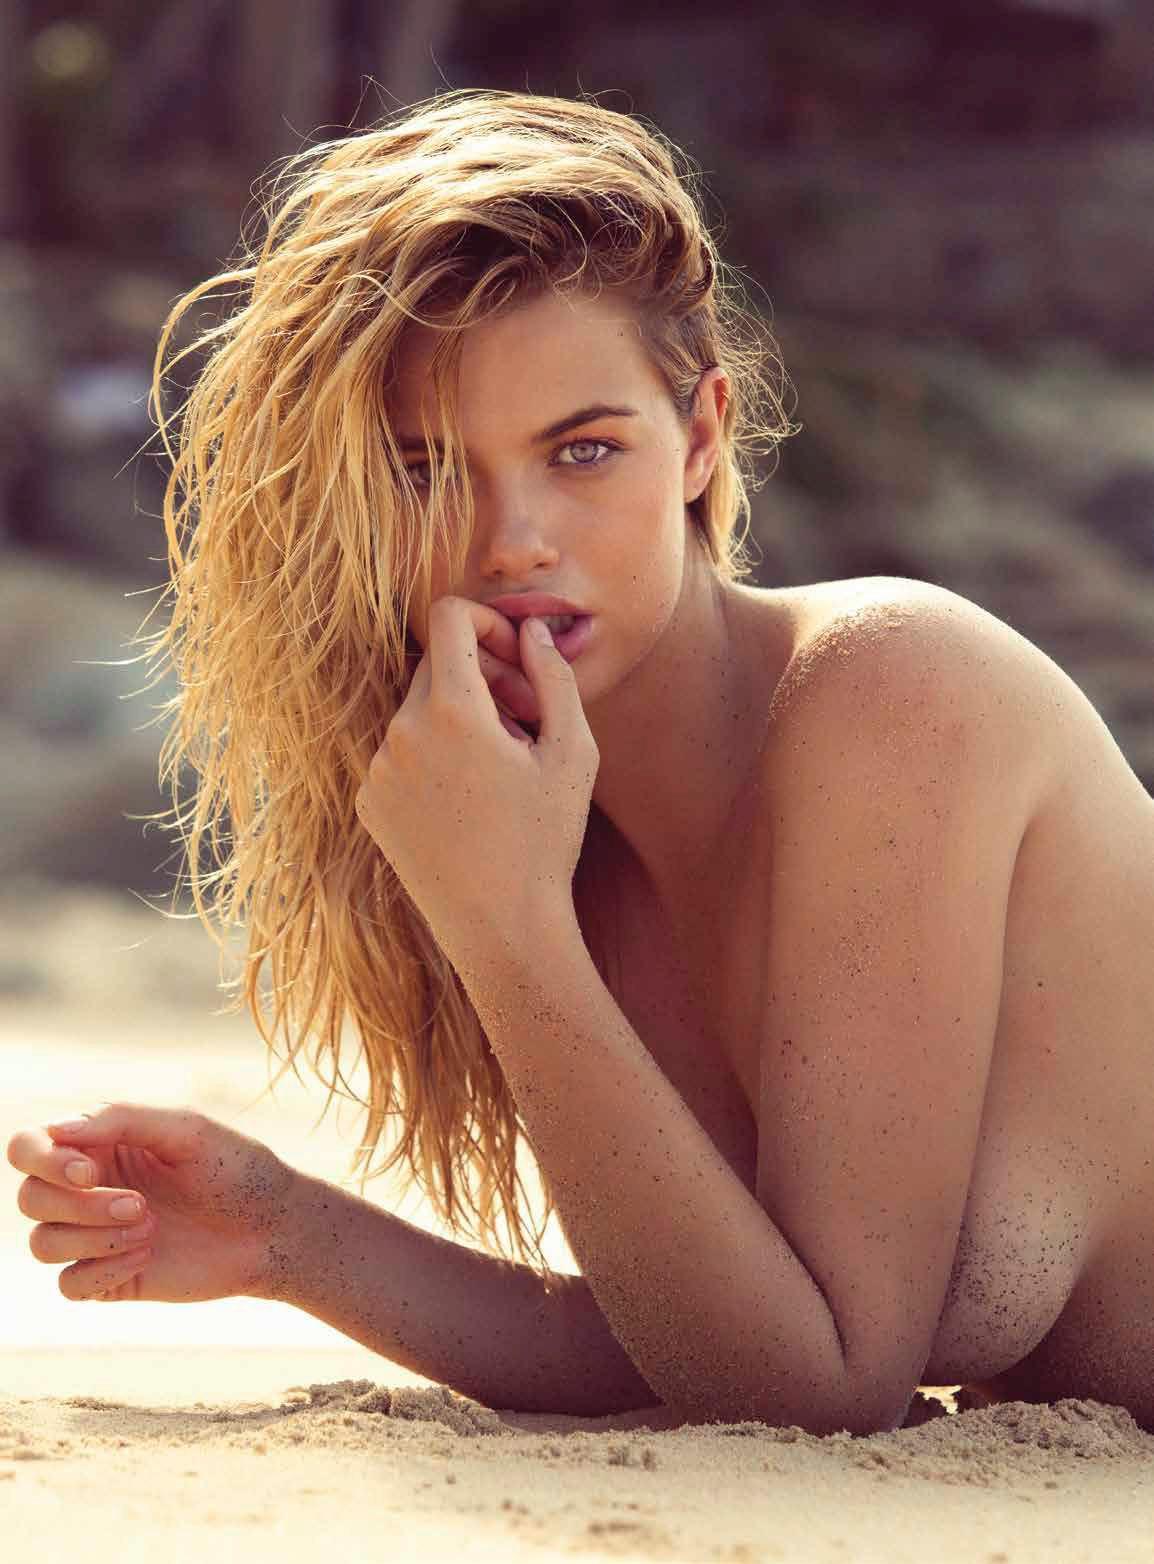 Sexy Photos Of Hailey Cla...